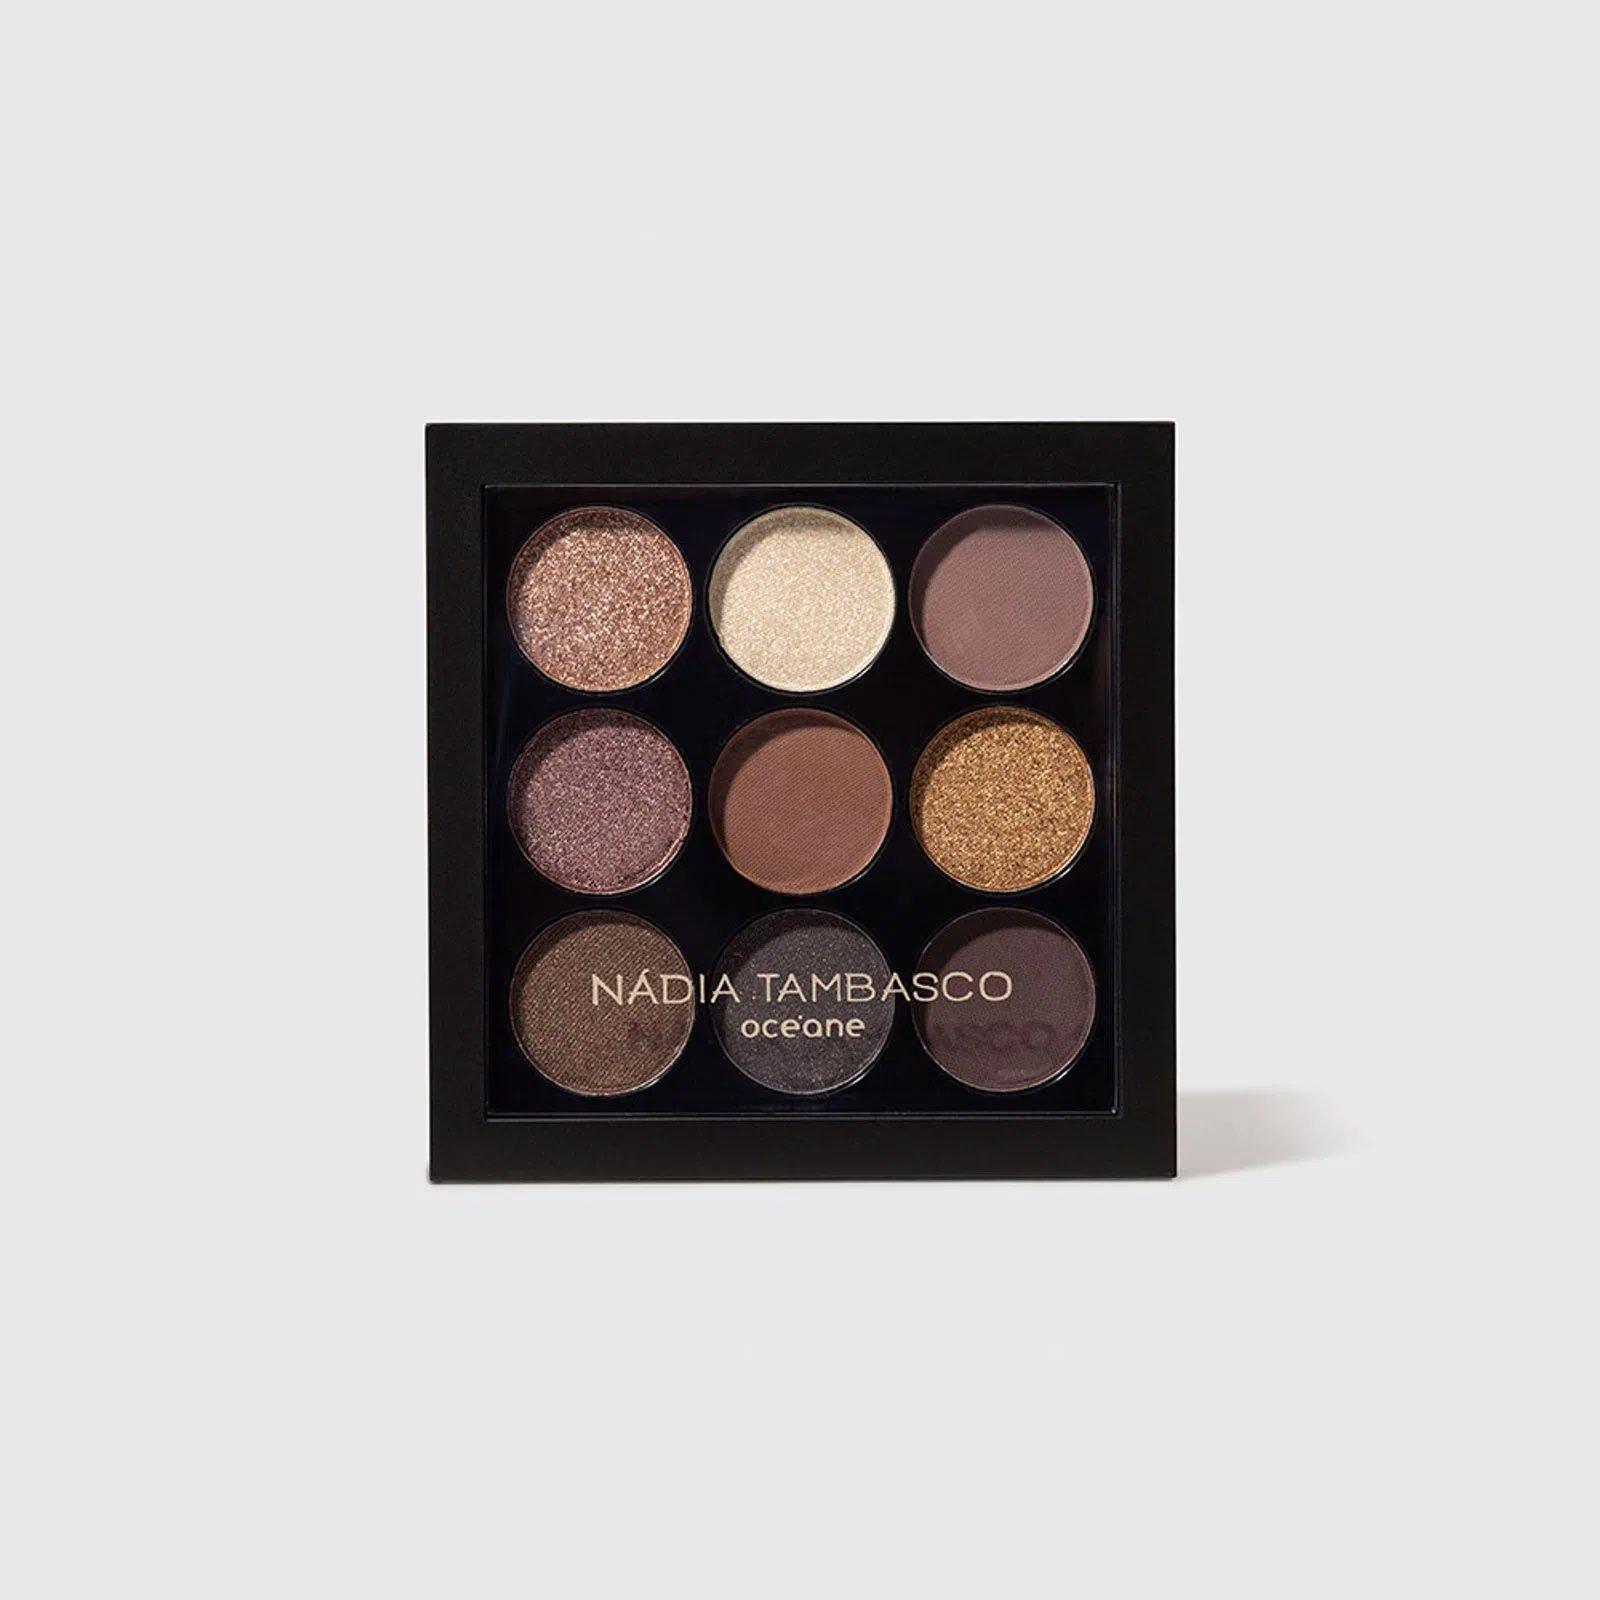 maquiagem paleta de sombras to go basic oceane nadia tambasco 51365 2000 204097 1